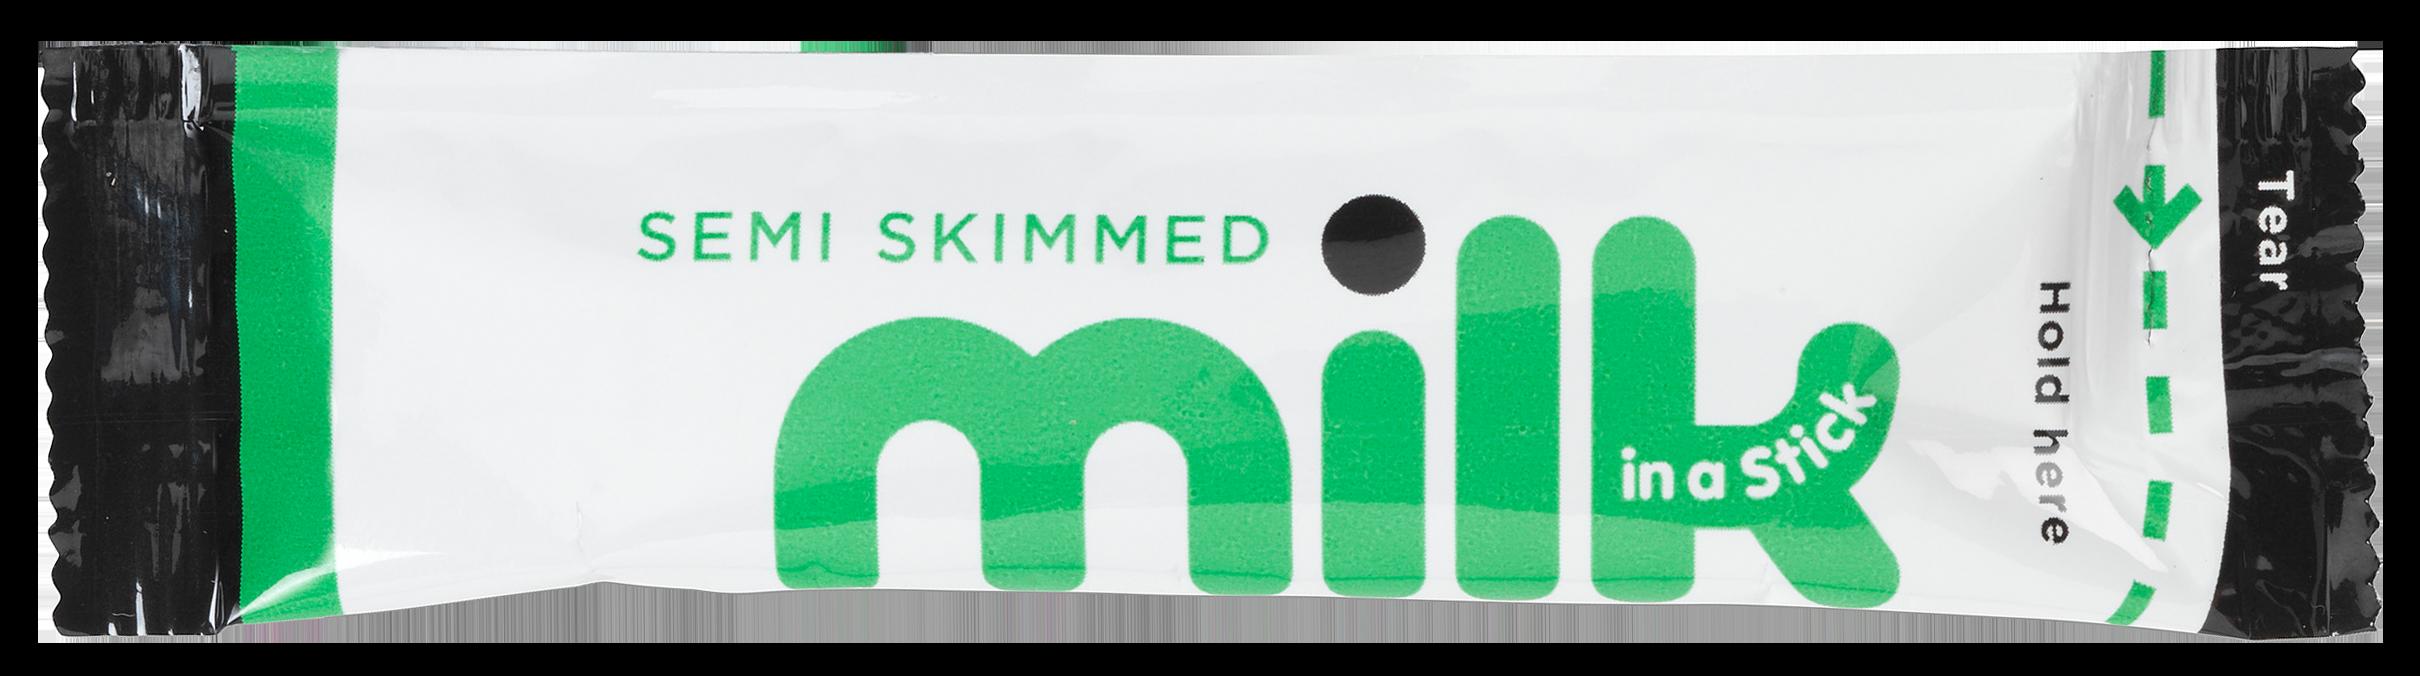 Lakeland Milk In A Stick - Semi Skimmed